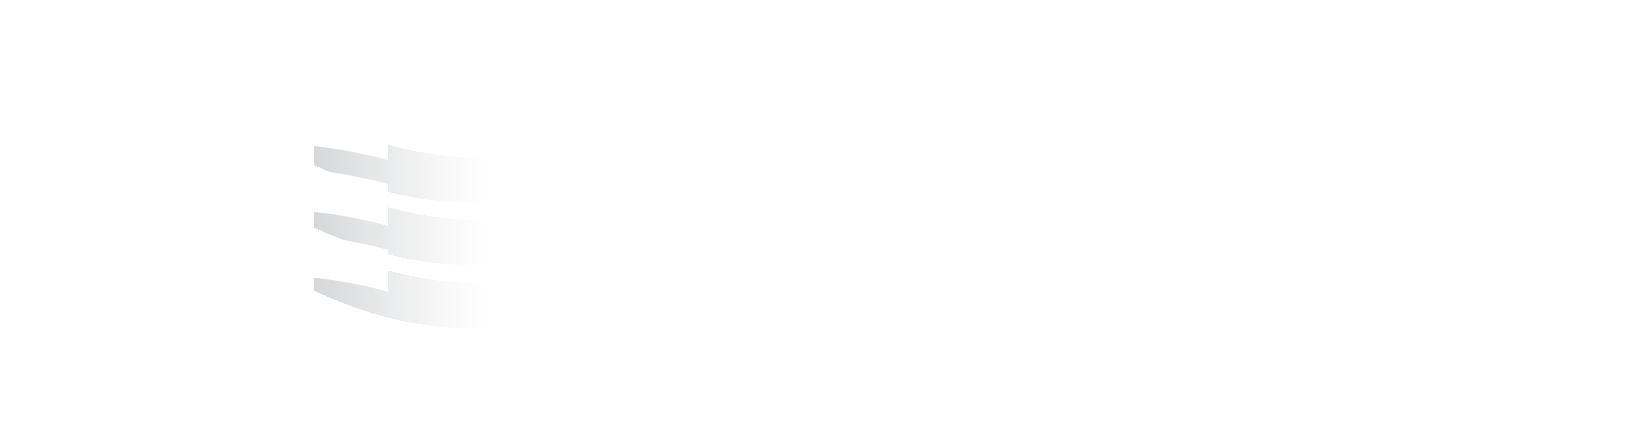 USOcean.com